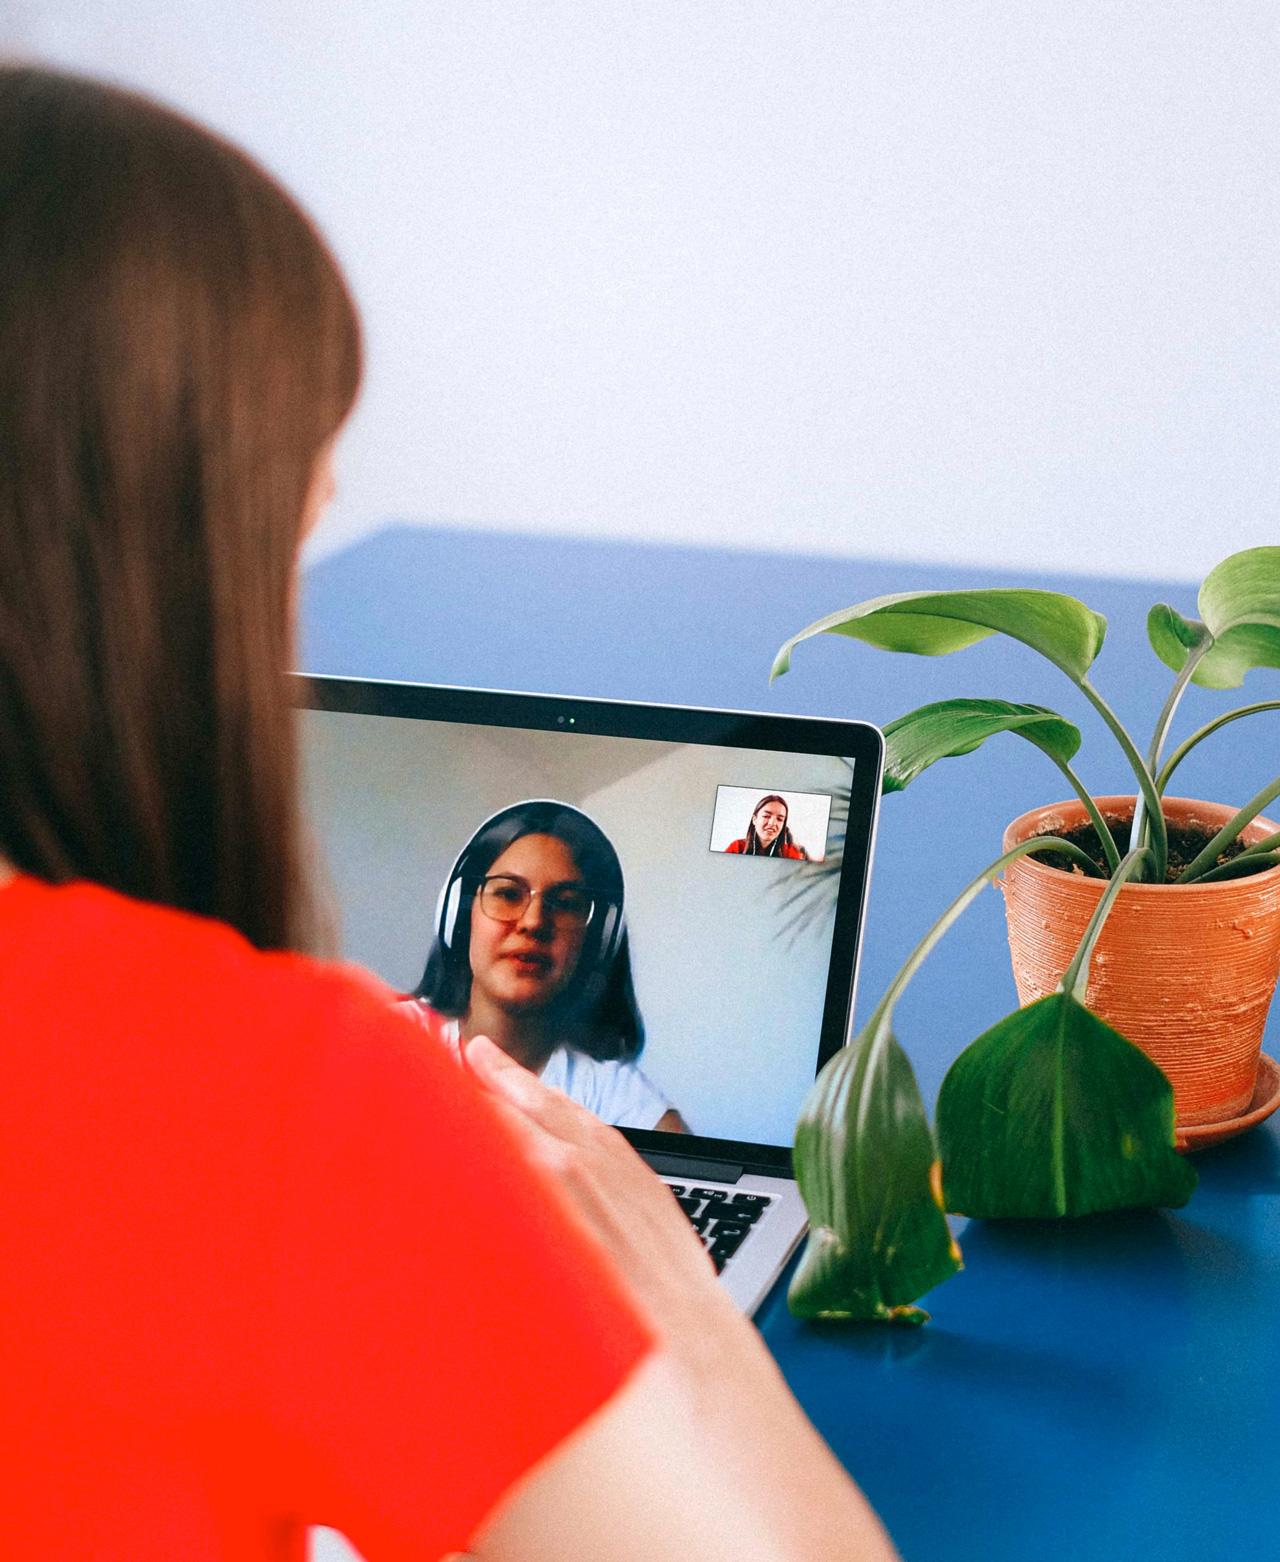 Bilde av personer i digitalt møte